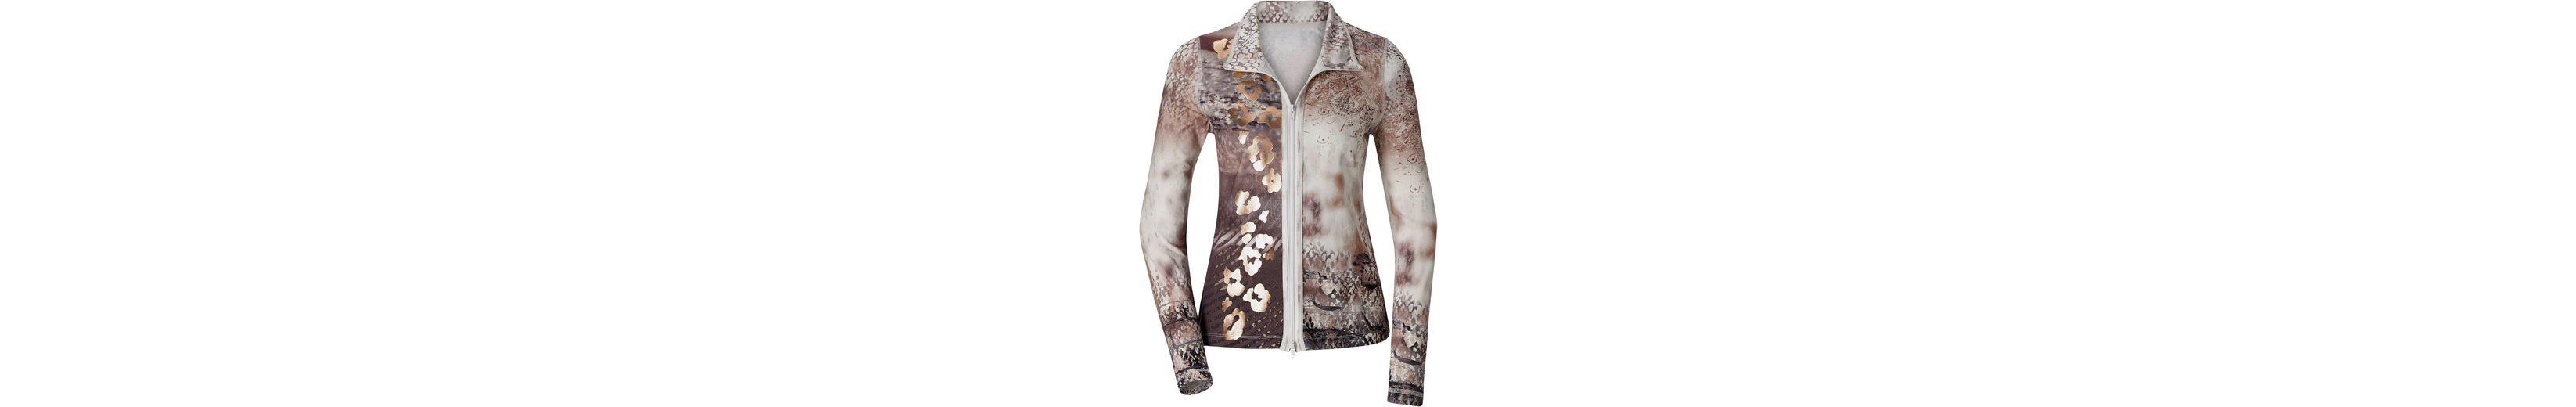 Neueste Besuchen Online Création L Shirtjacke mit schimmerndem Leo-Glanz-Druck Neueste Verkauf Neueste Freies Verschiffen Amazon t7pLQIW0